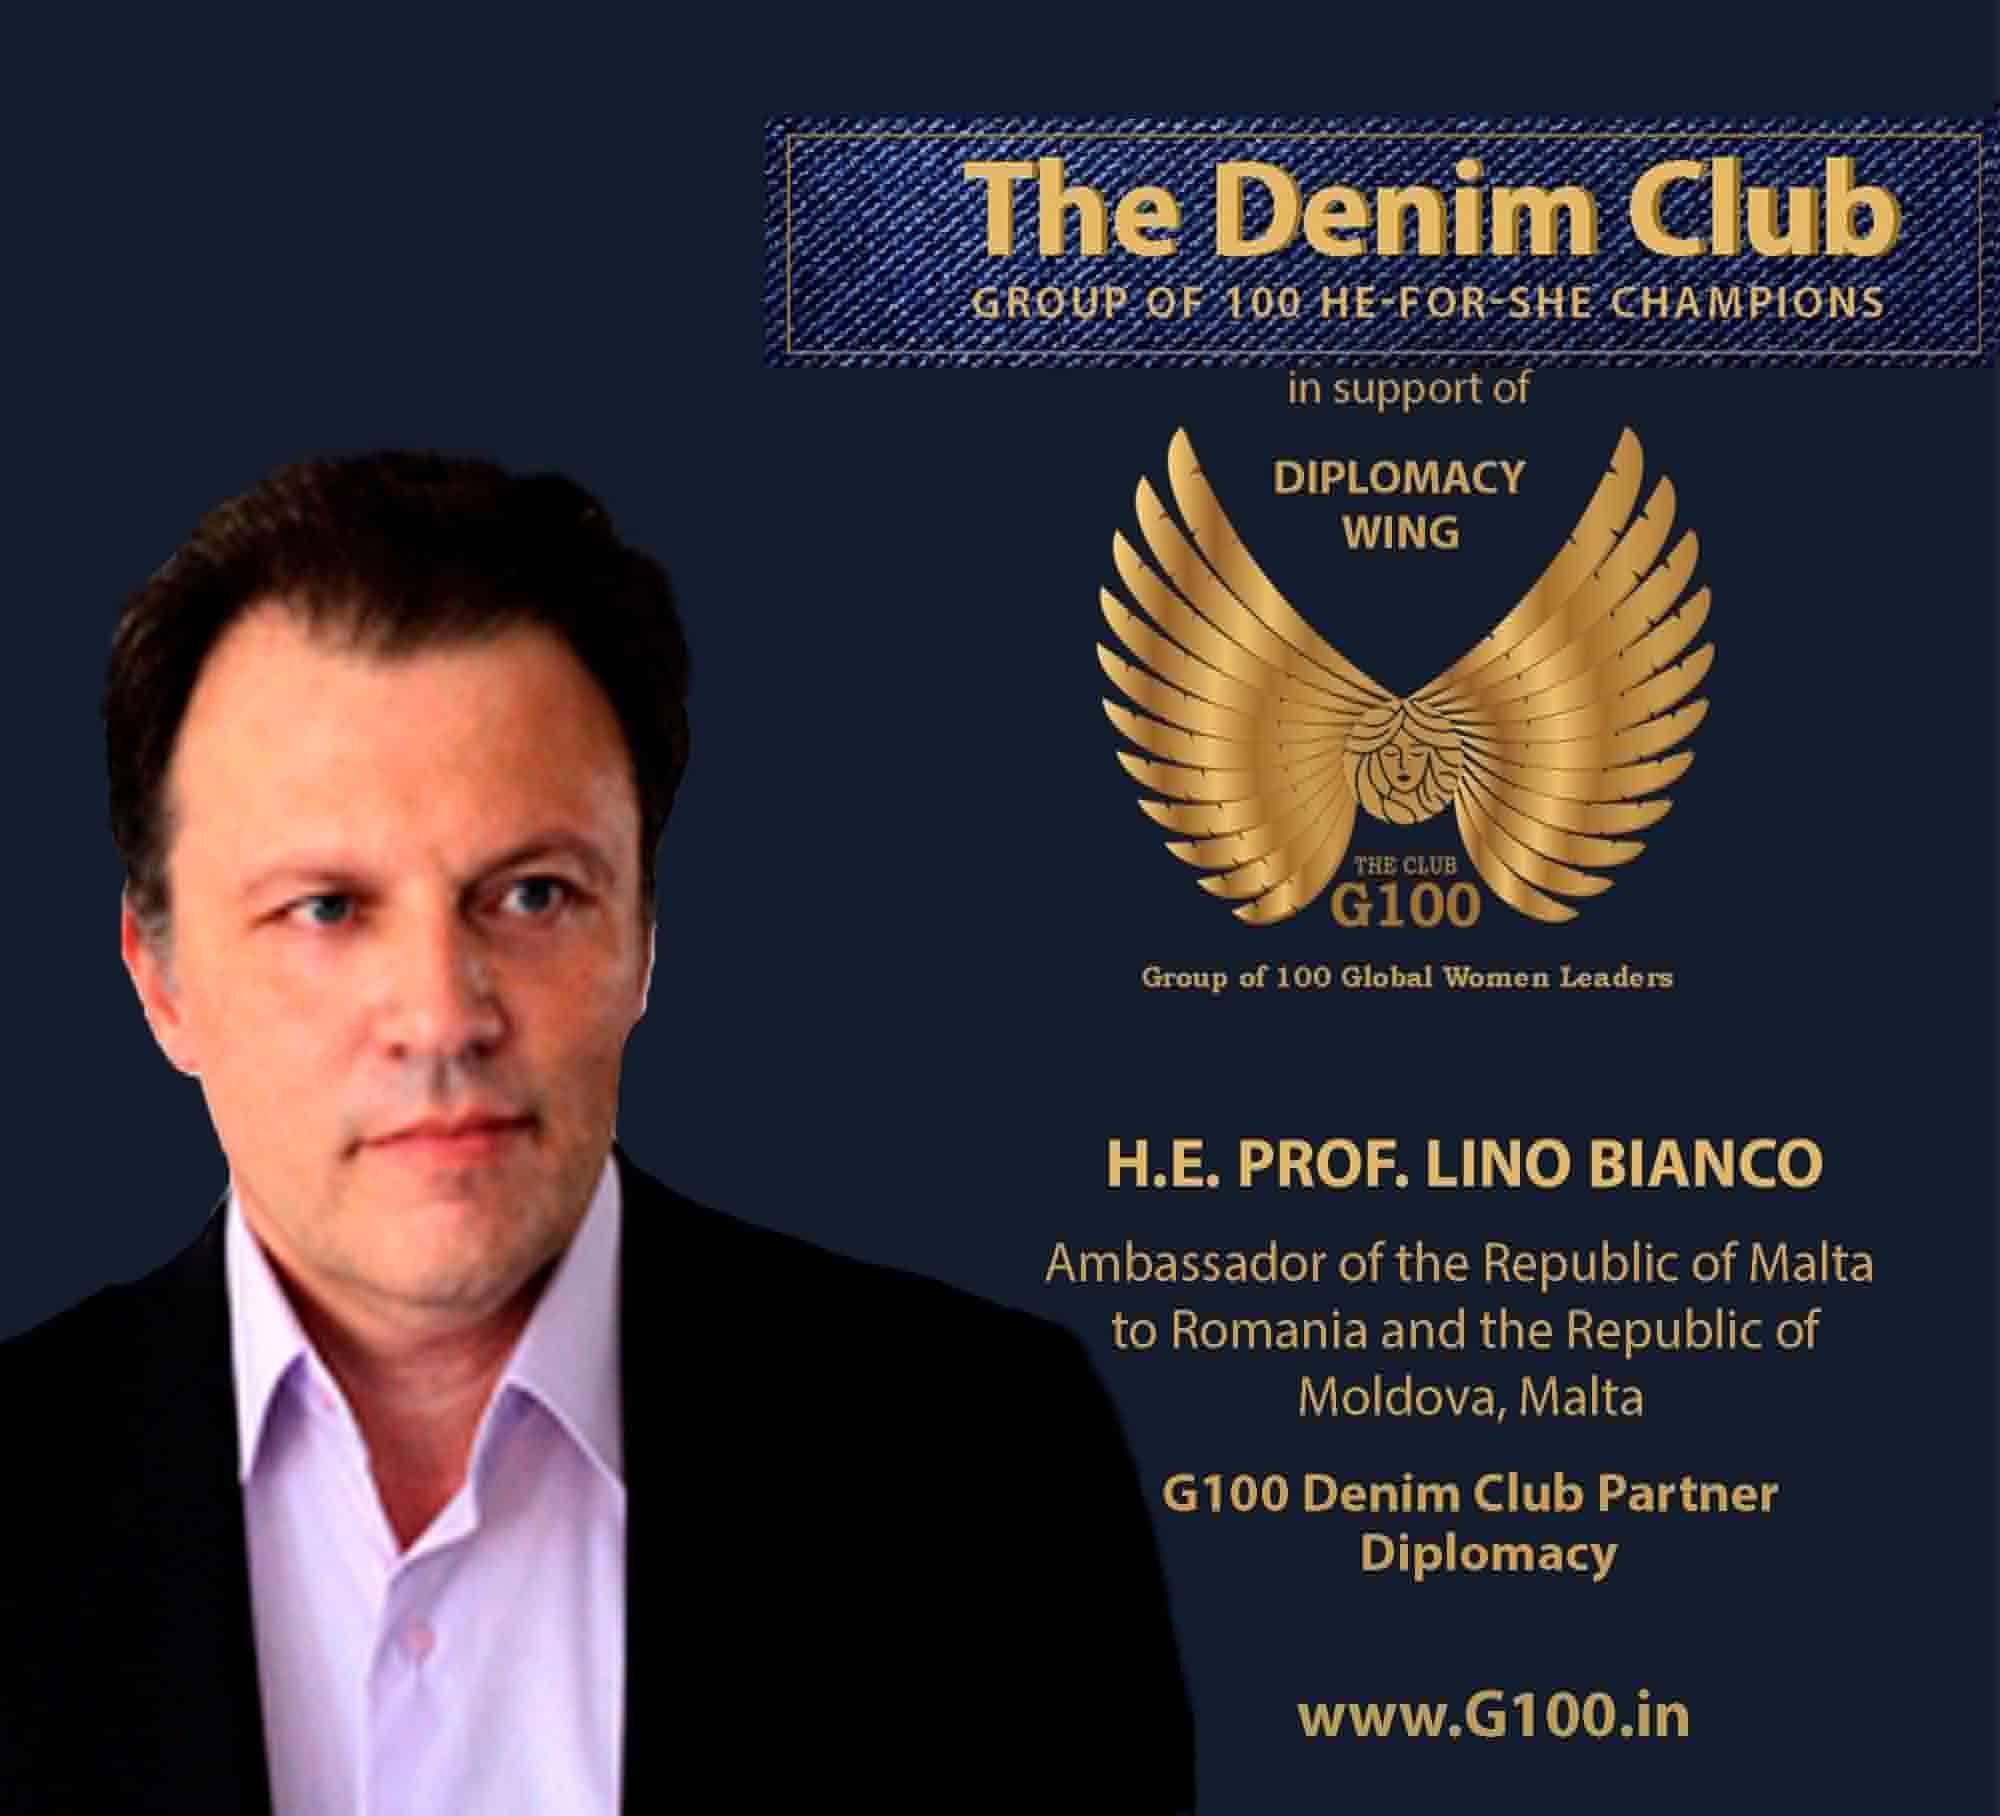 H.E. Prof. Lino Bianco